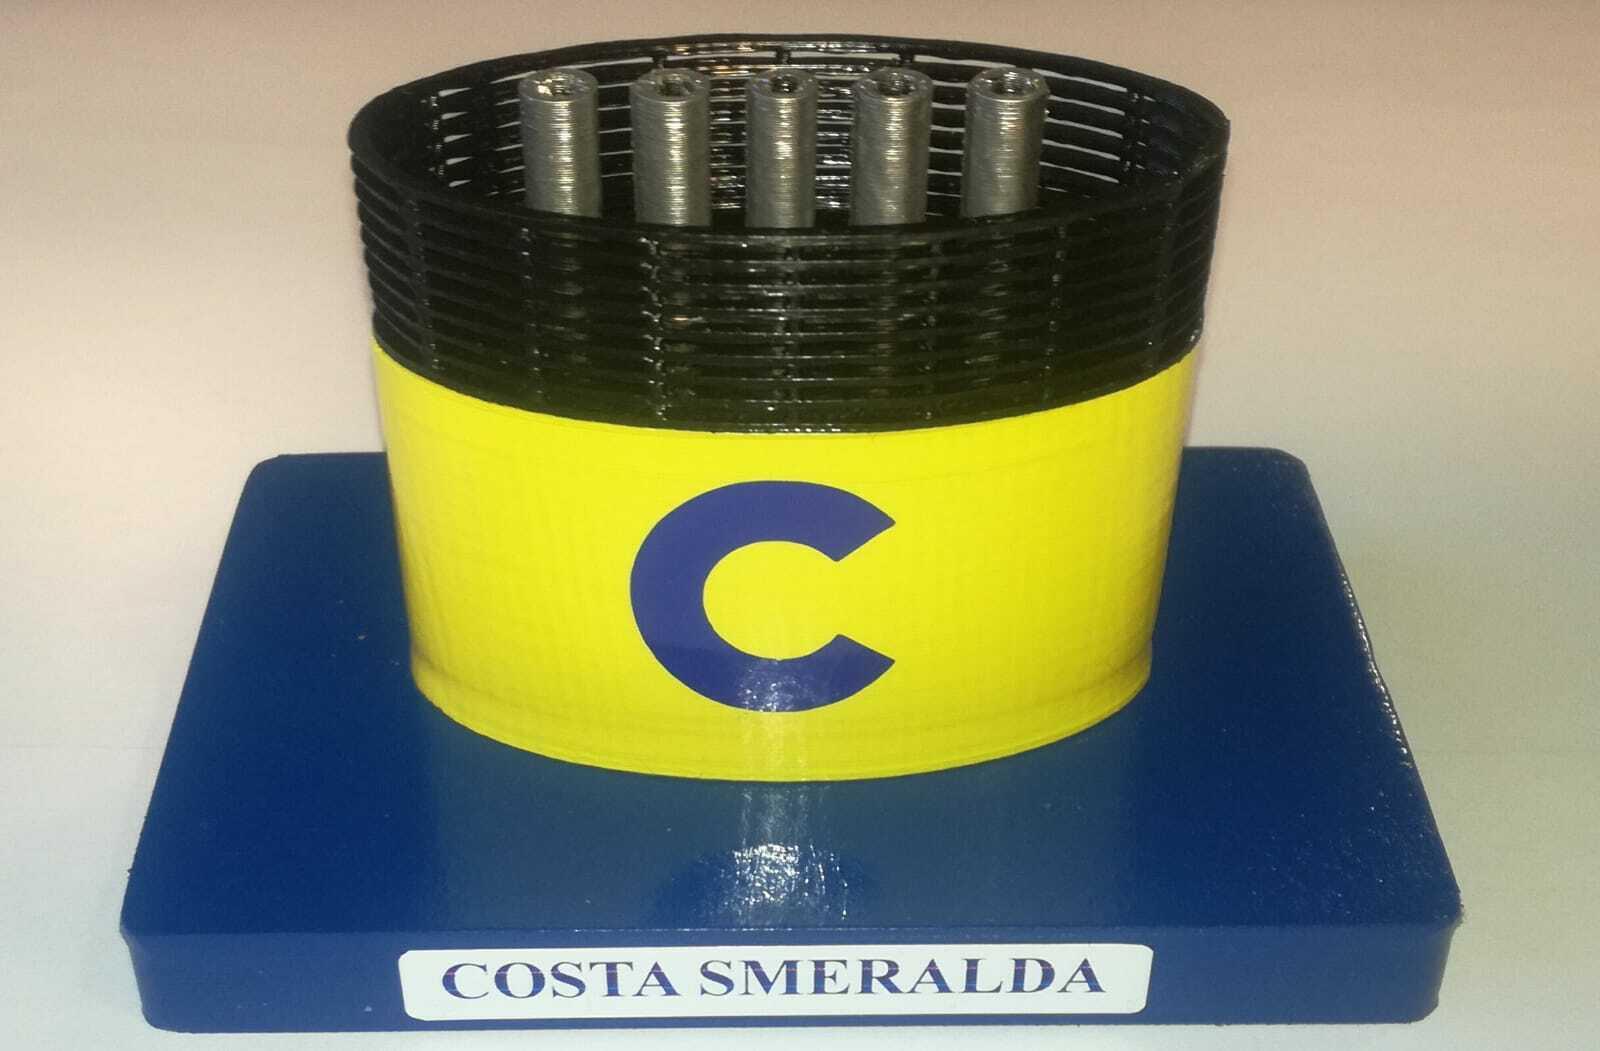 NEW - COSTA SMERALDA model funnel - Modelo ciminiera scale 1 300 Costa Crociere